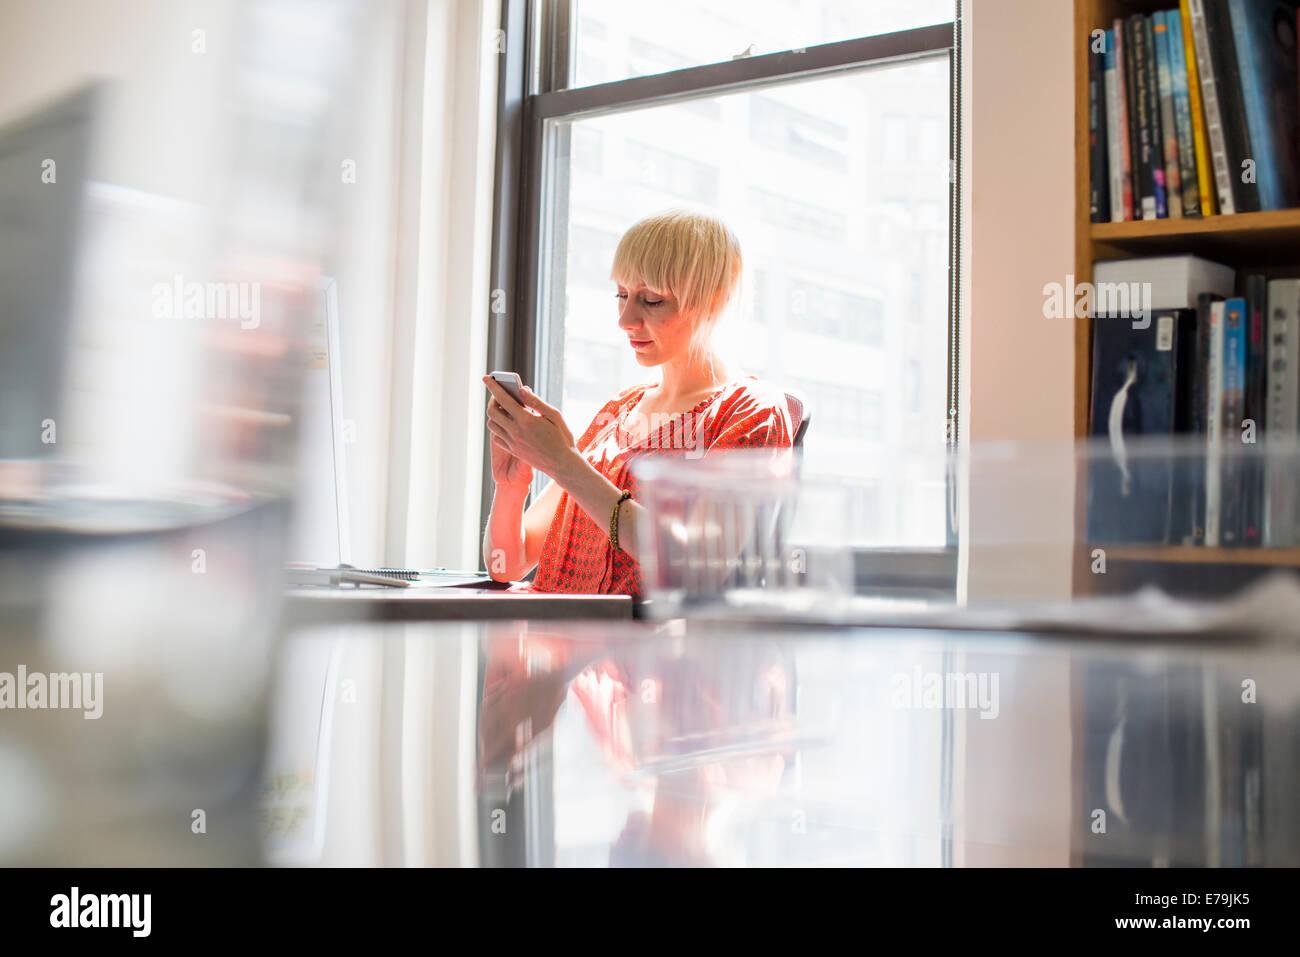 Vida de oficina. Una joven mujer controlar su teléfono celular. Foto de stock